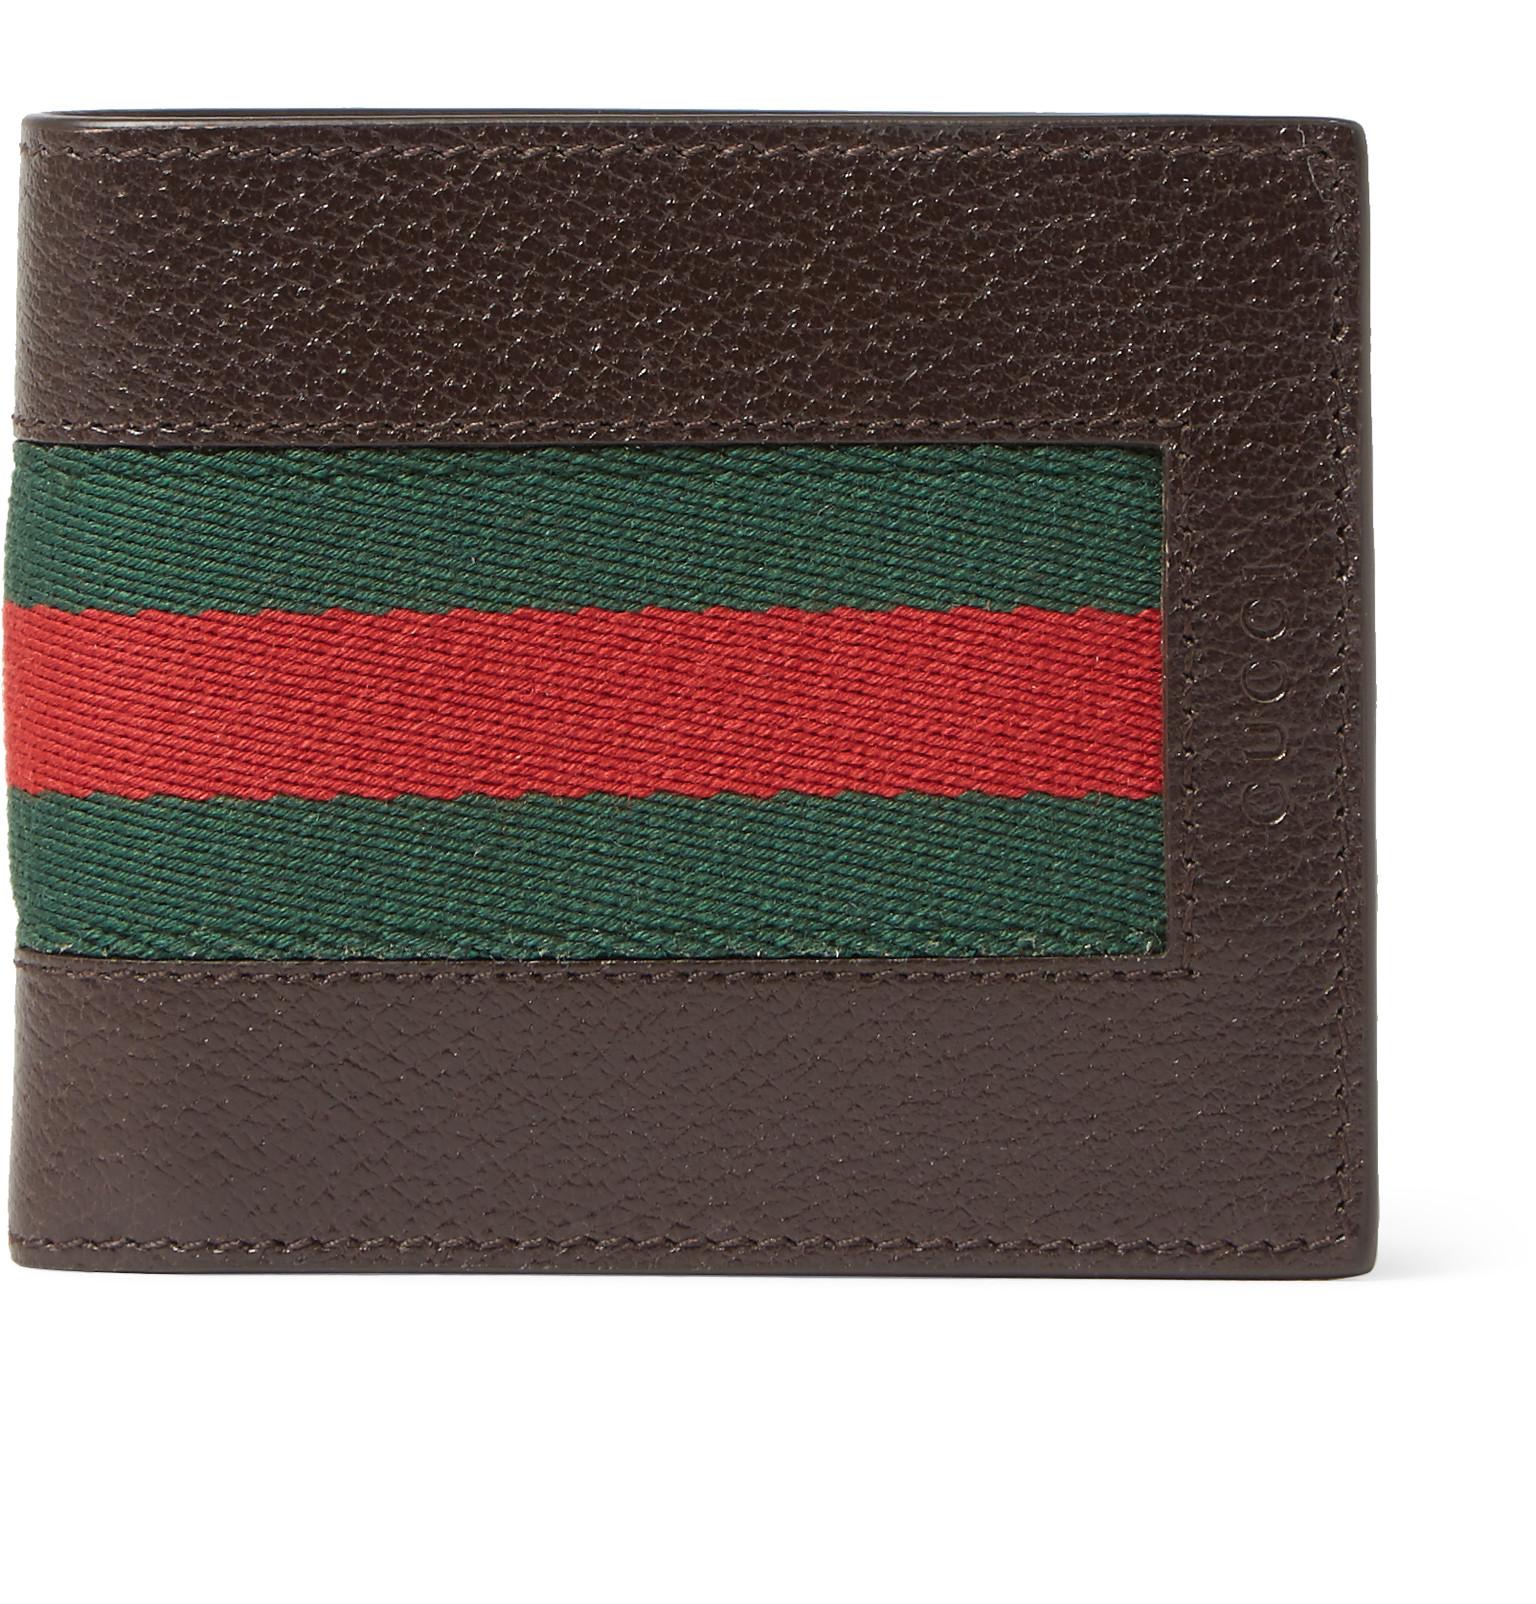 discount designer mens wallets 1hfe  Gucci